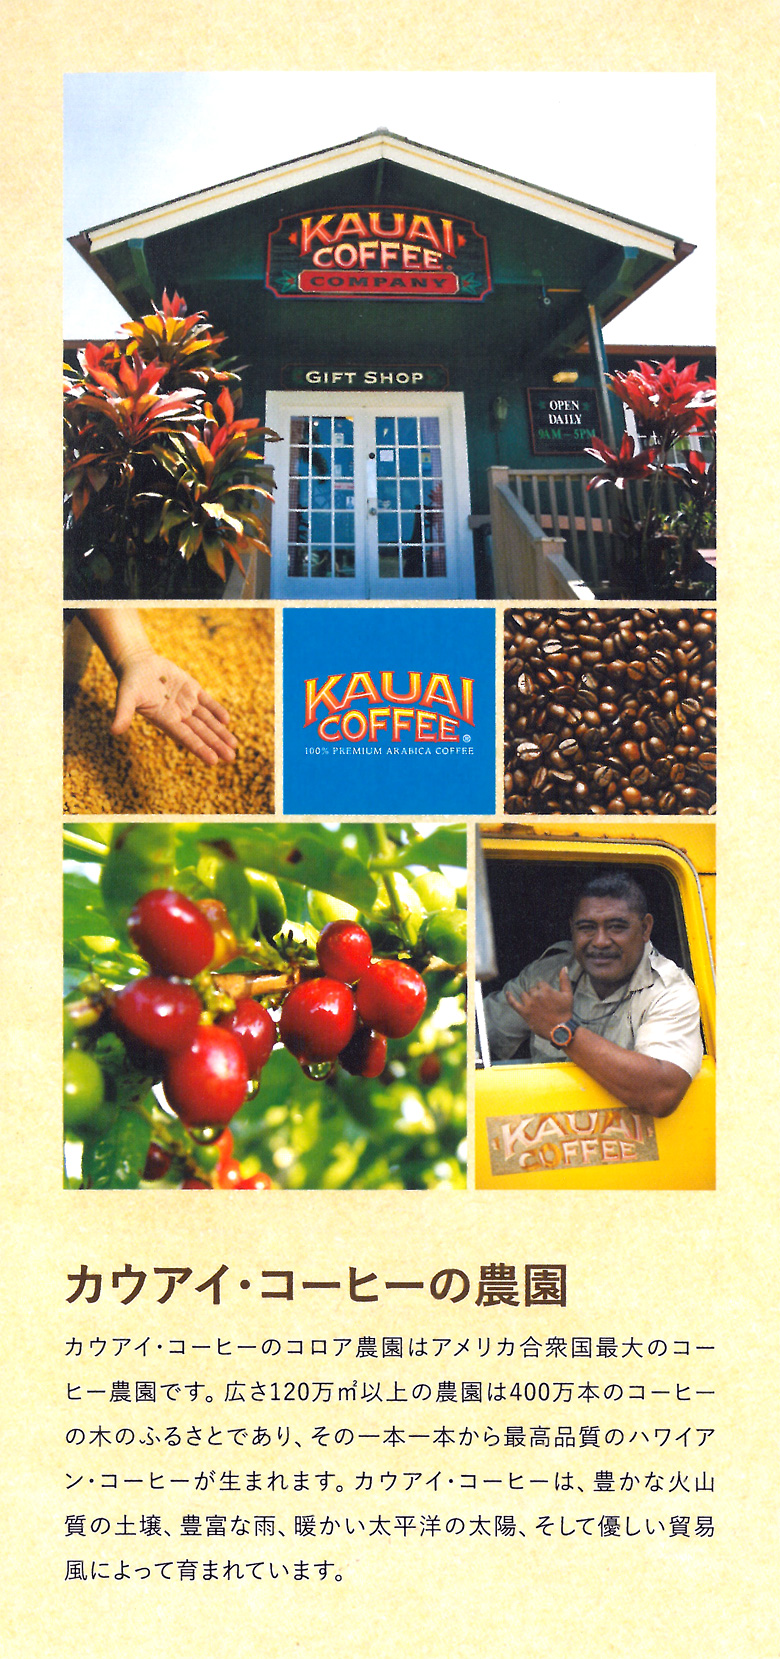 カウアイ・コーヒーの農園